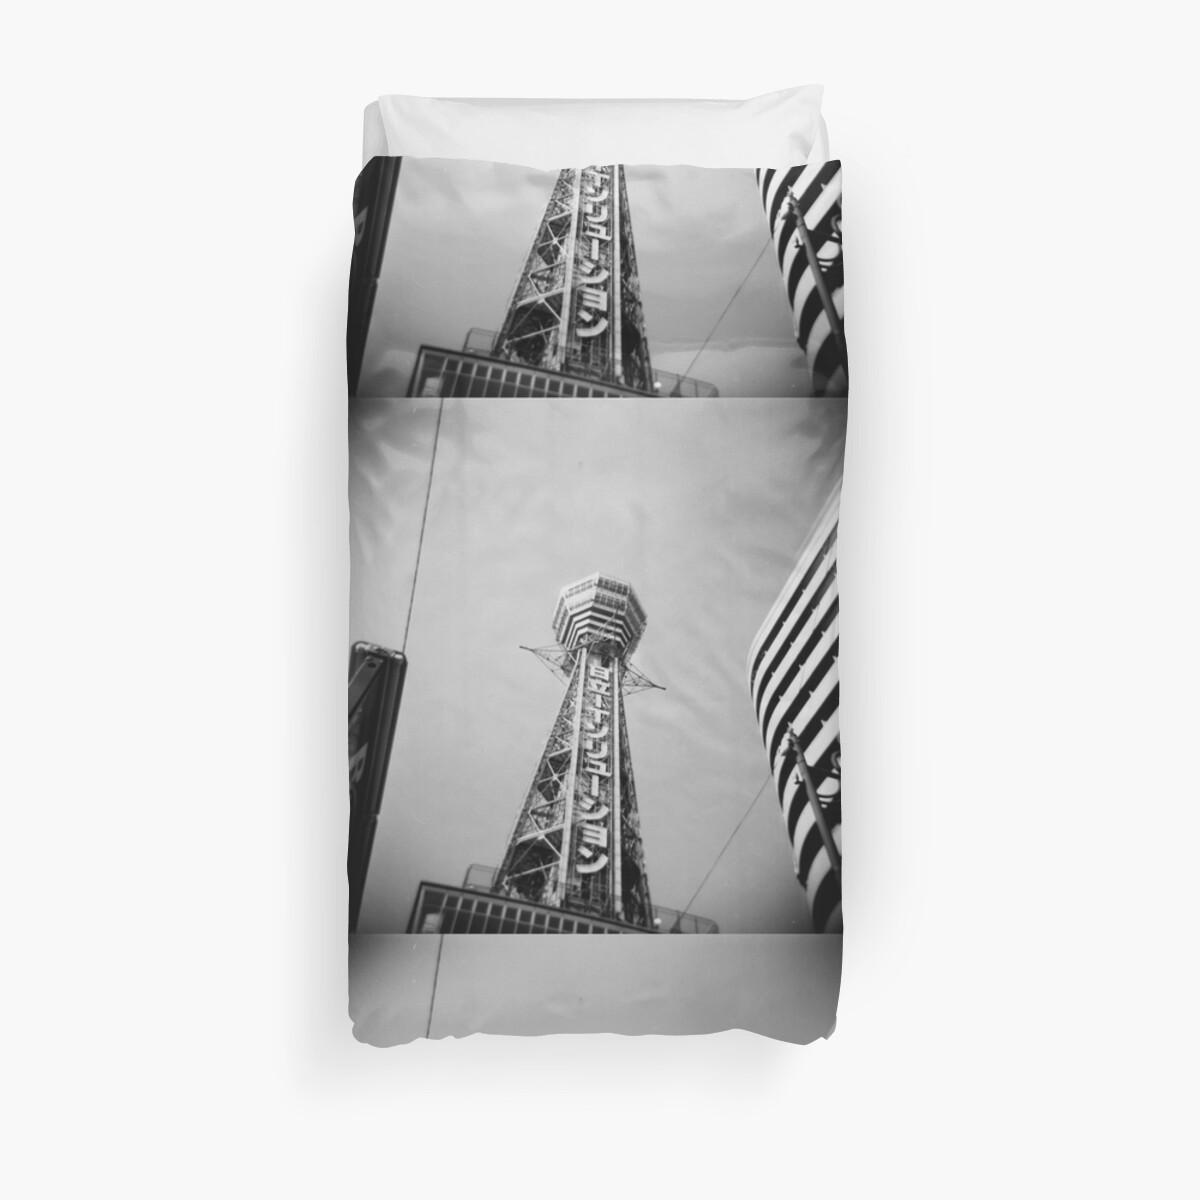 日立タワー by ChrisSmeaton